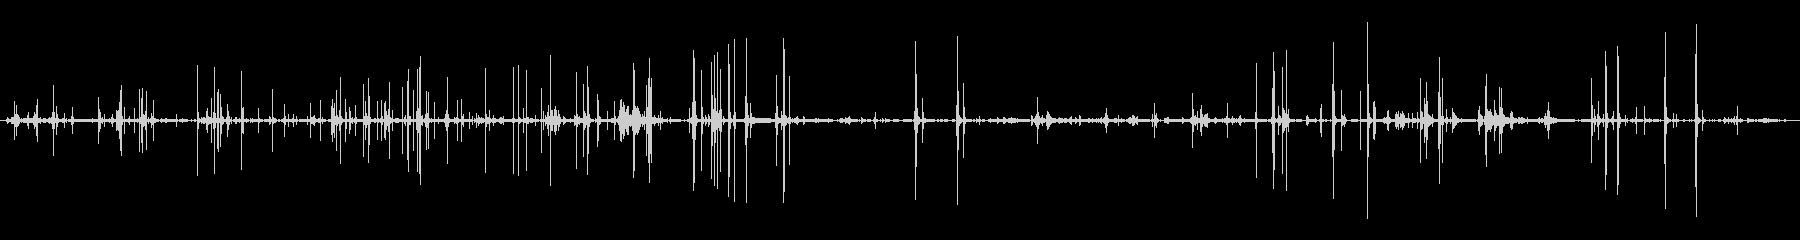 16 MMフィルムプロジェクター:...の未再生の波形